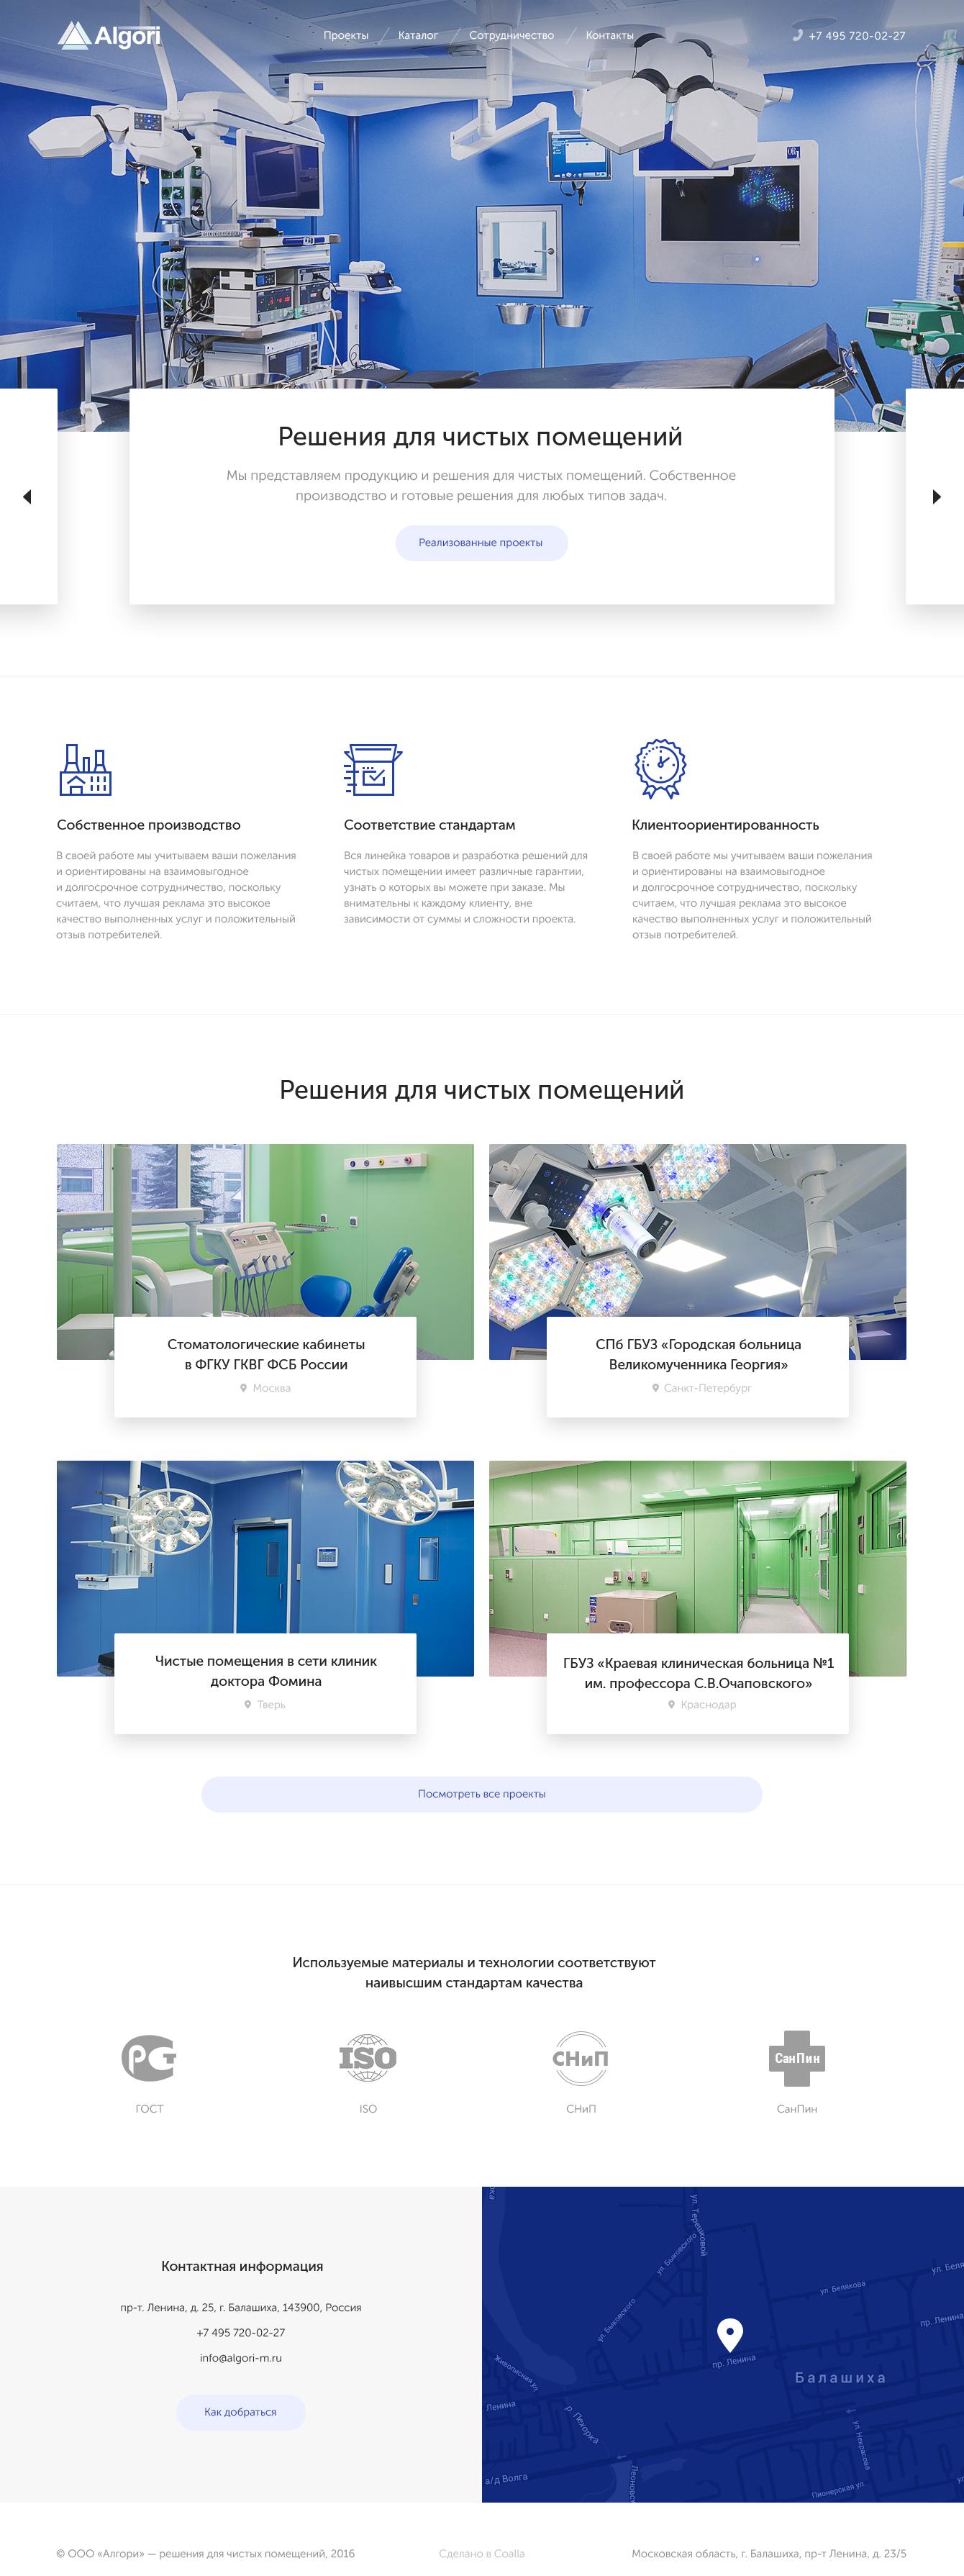 Разработка сайта для компании, производящей продукцию и решения для чистых помещений